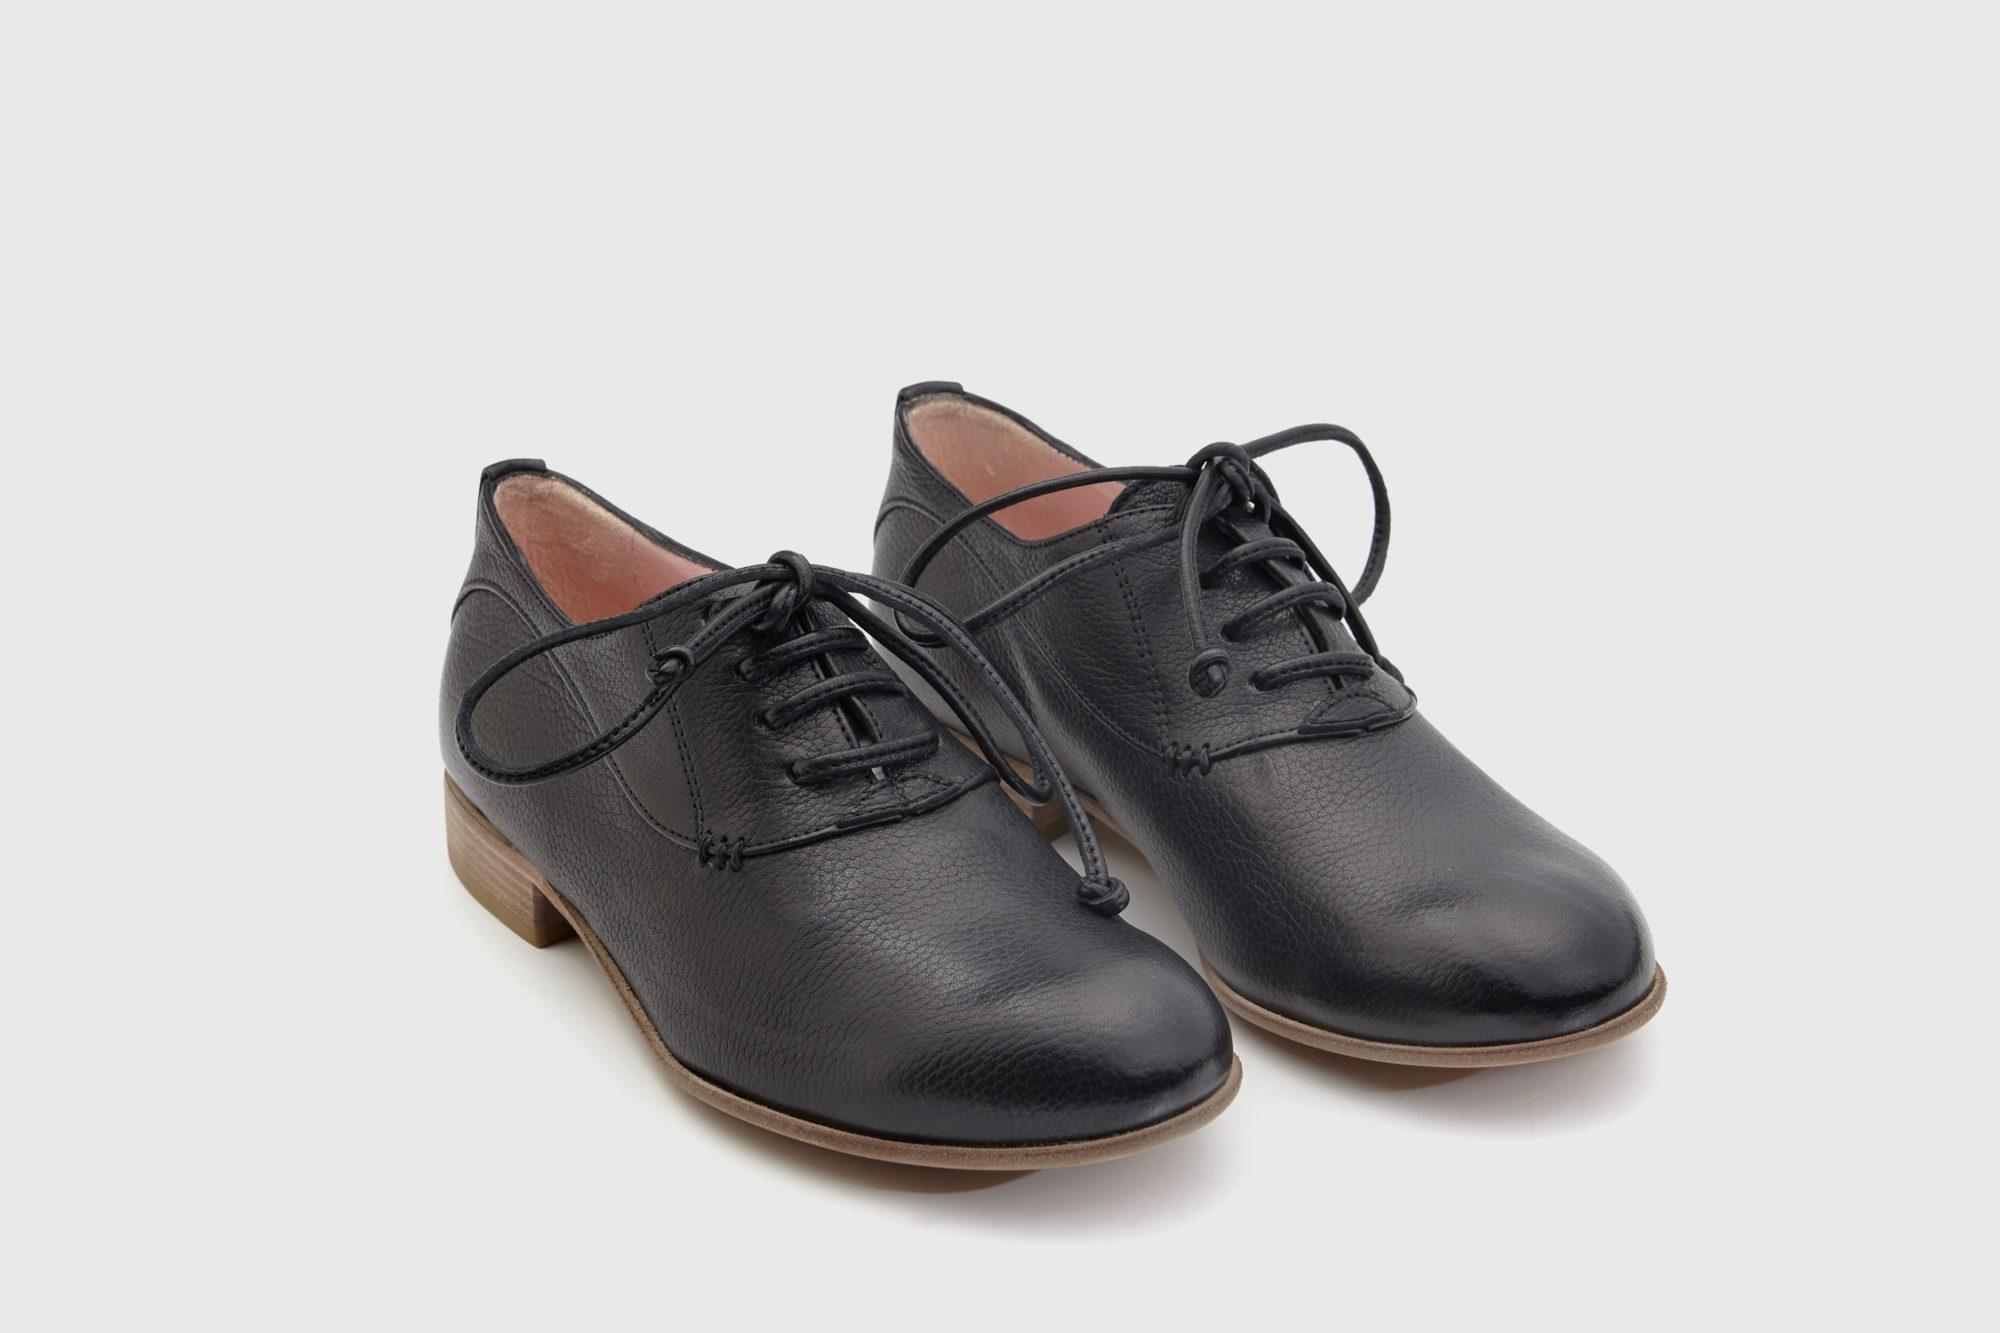 Dorotea zapato cordones Florence negro ss17